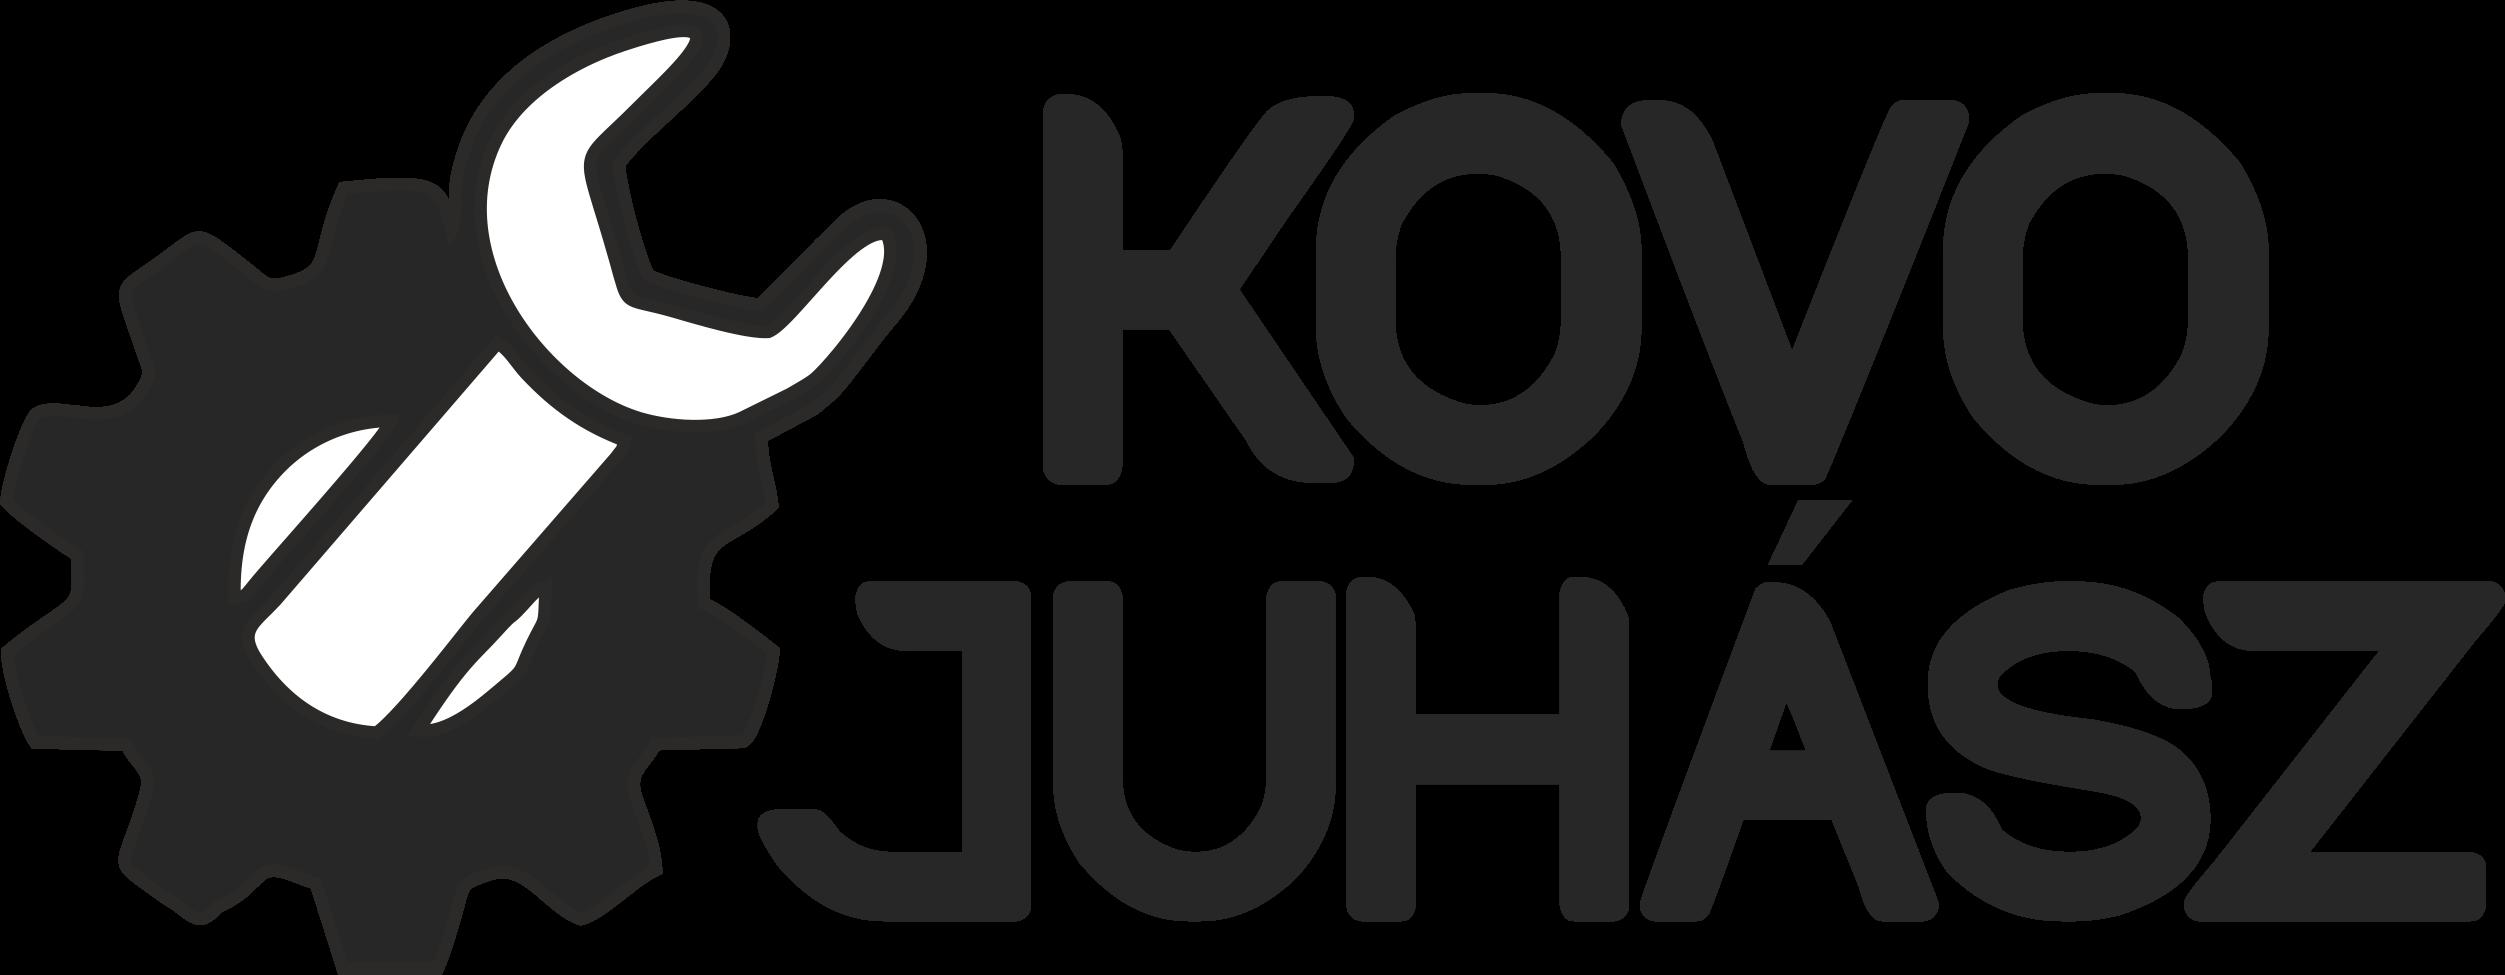 KOVO – JUHÁSZ